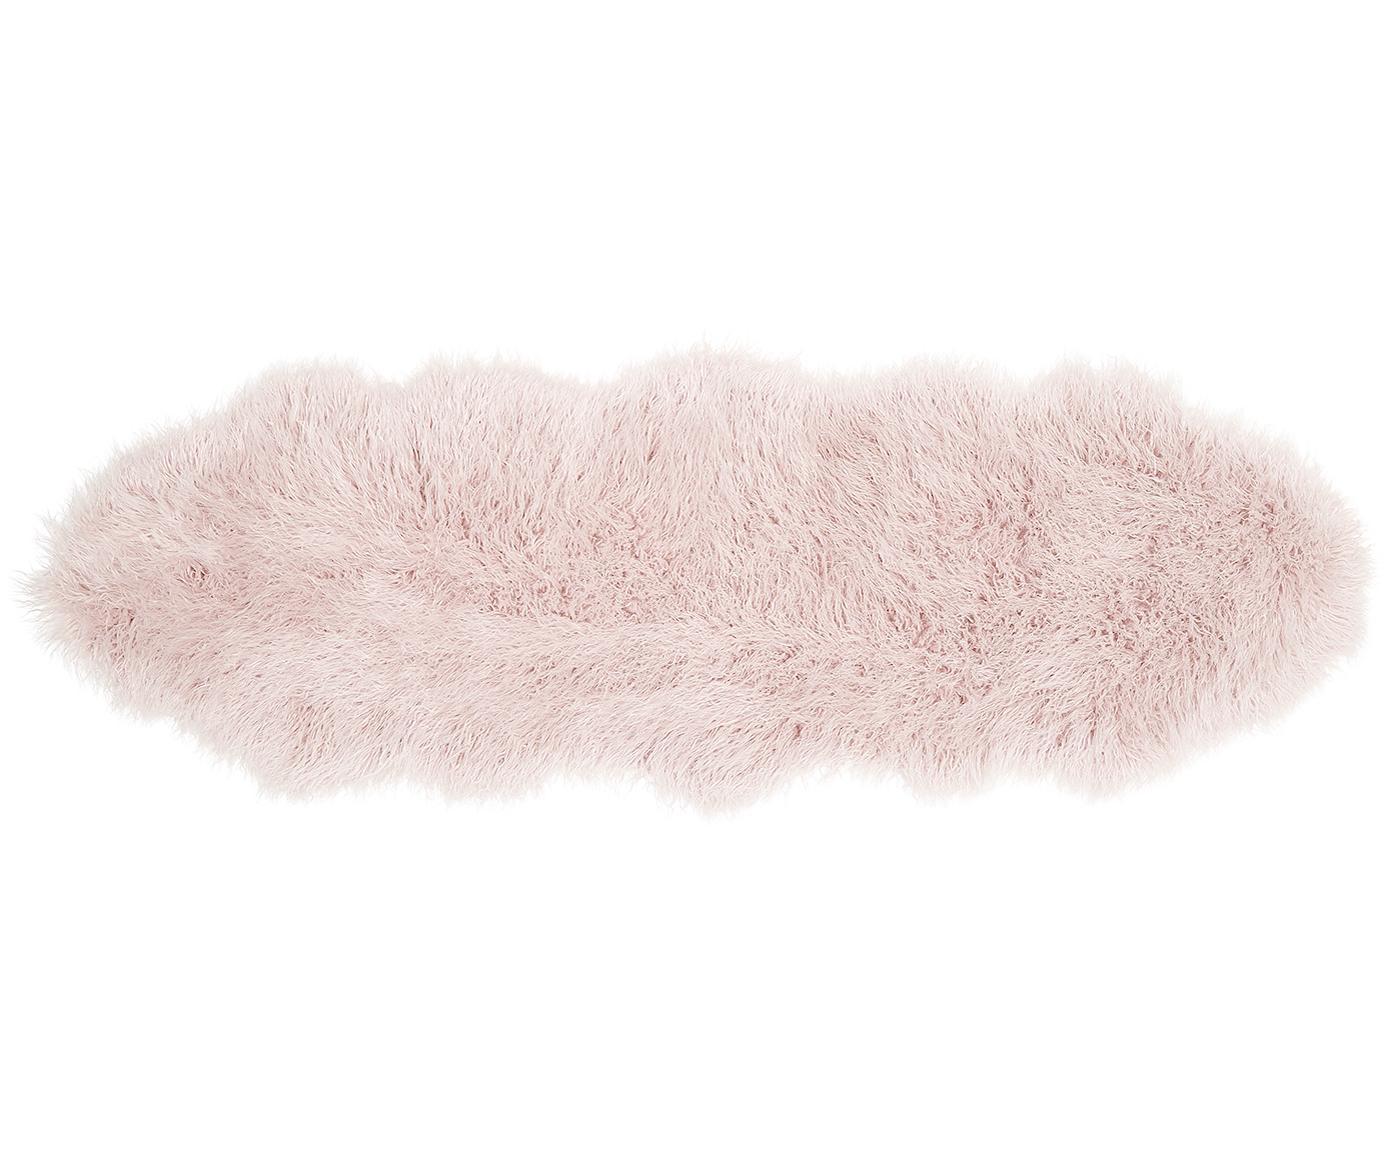 Kunstfell-Teppich Morten, gelockt, Vorderseite: 67% Acryl, 33% Polyester, Rückseite: Polyester, Rosa, 60 x 180 cm